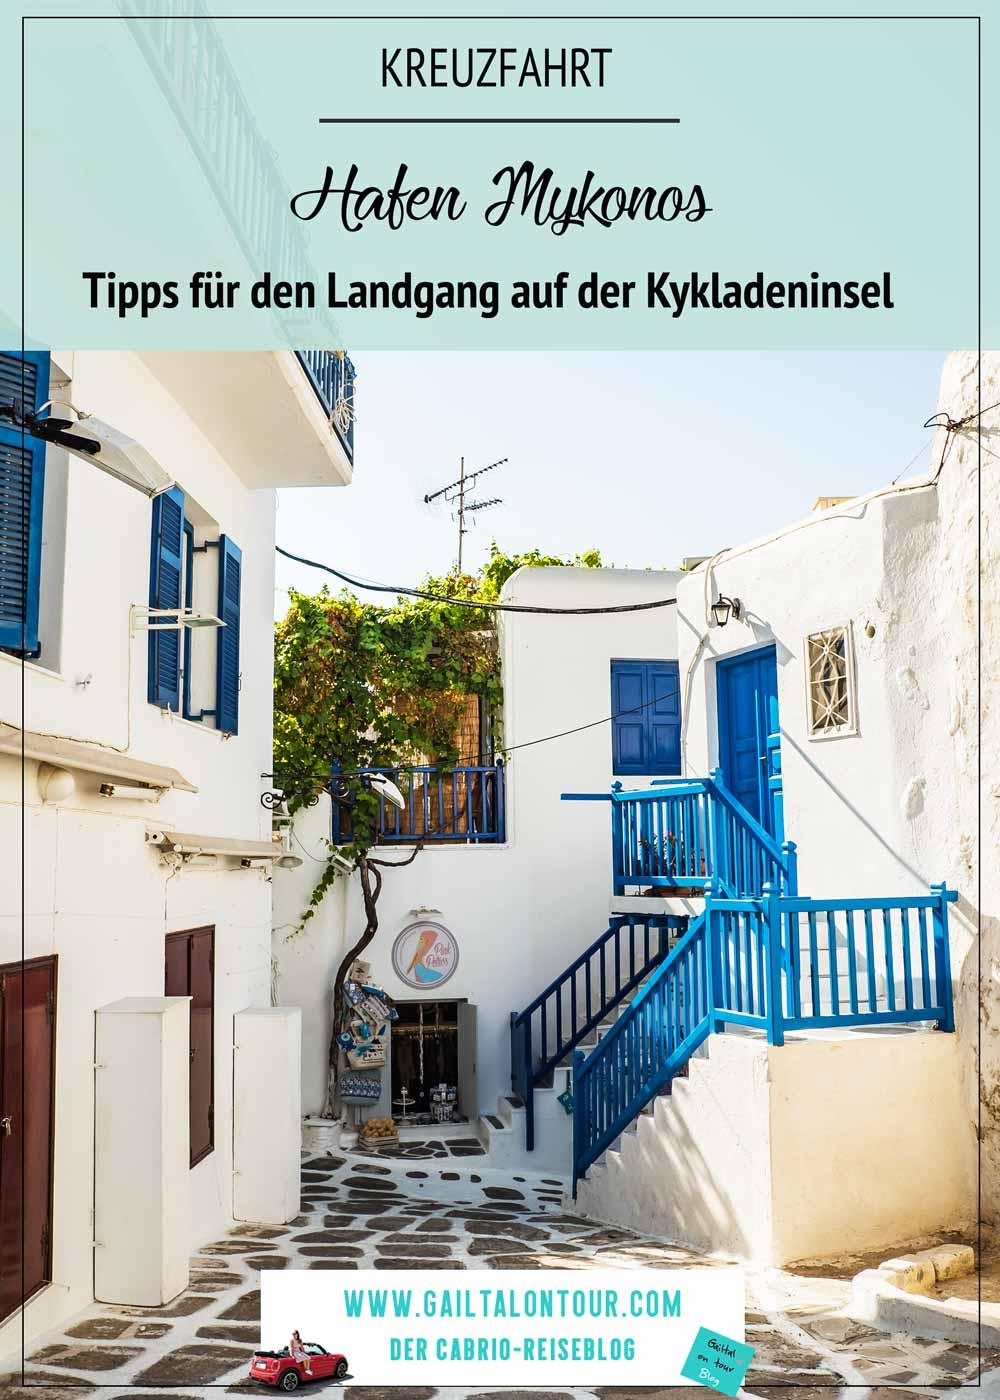 mykonos-kreuzfahrt-tipps